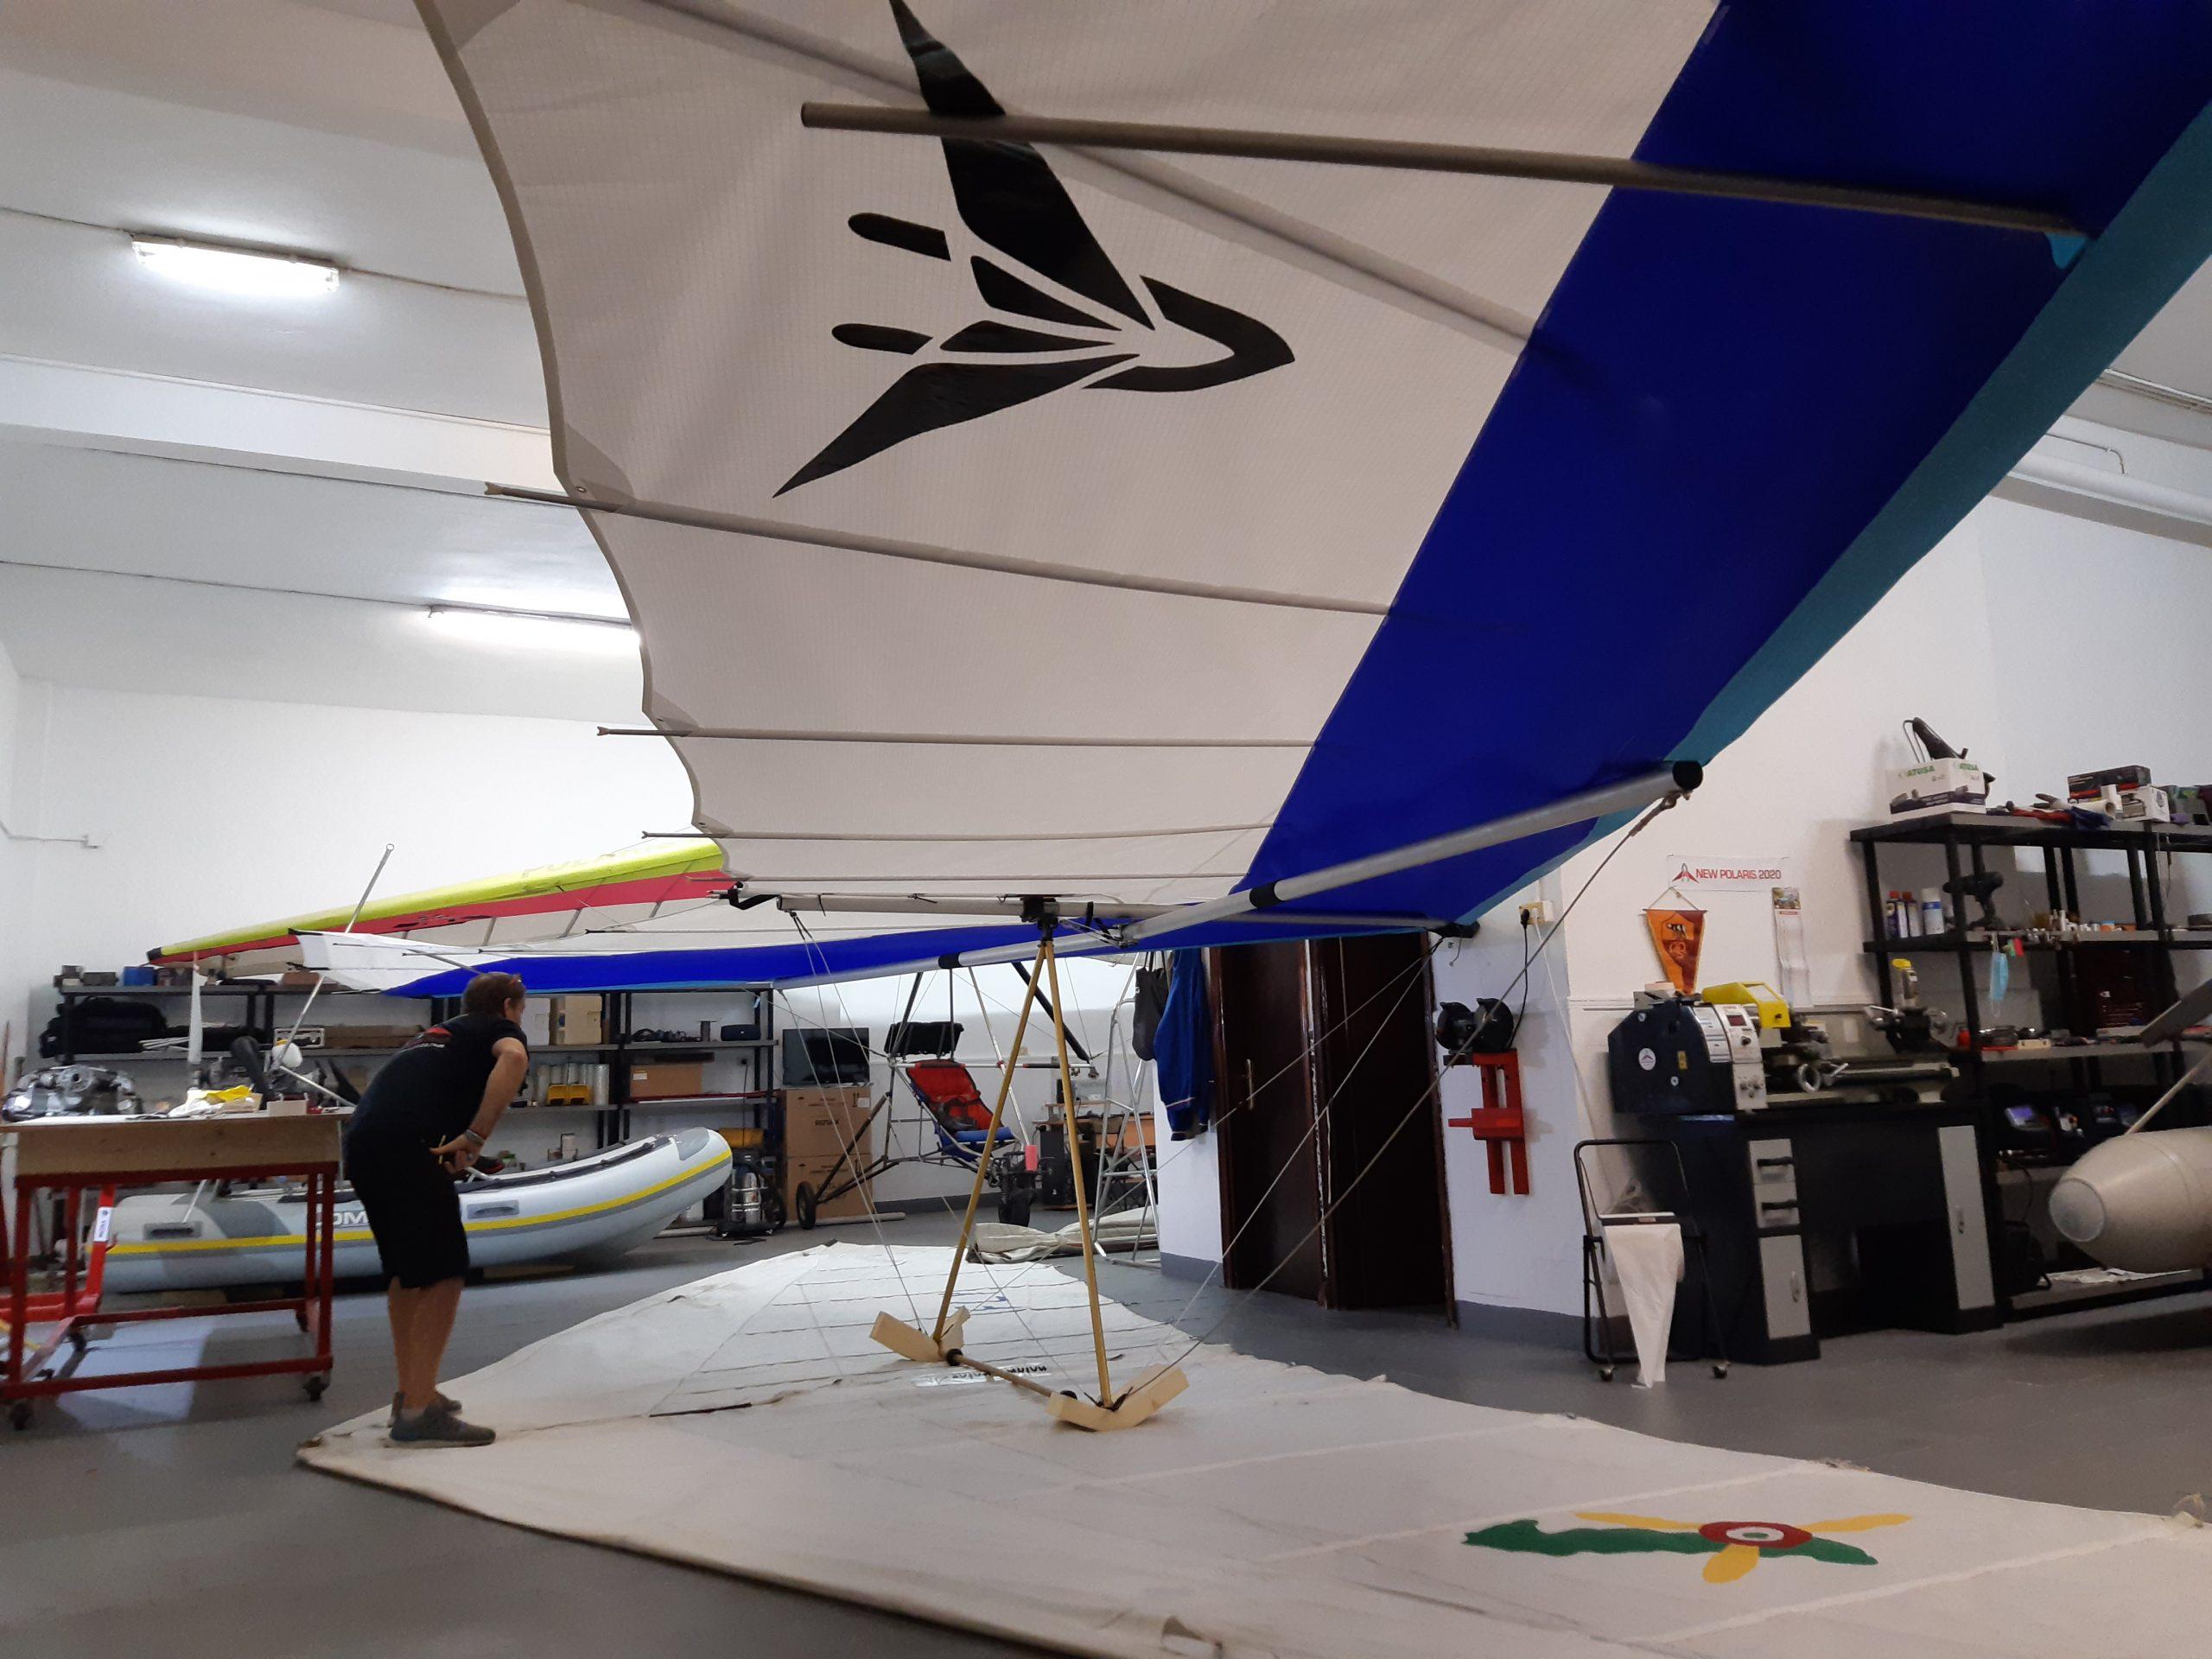 l'aile new polaris 2020 en atelier de montage